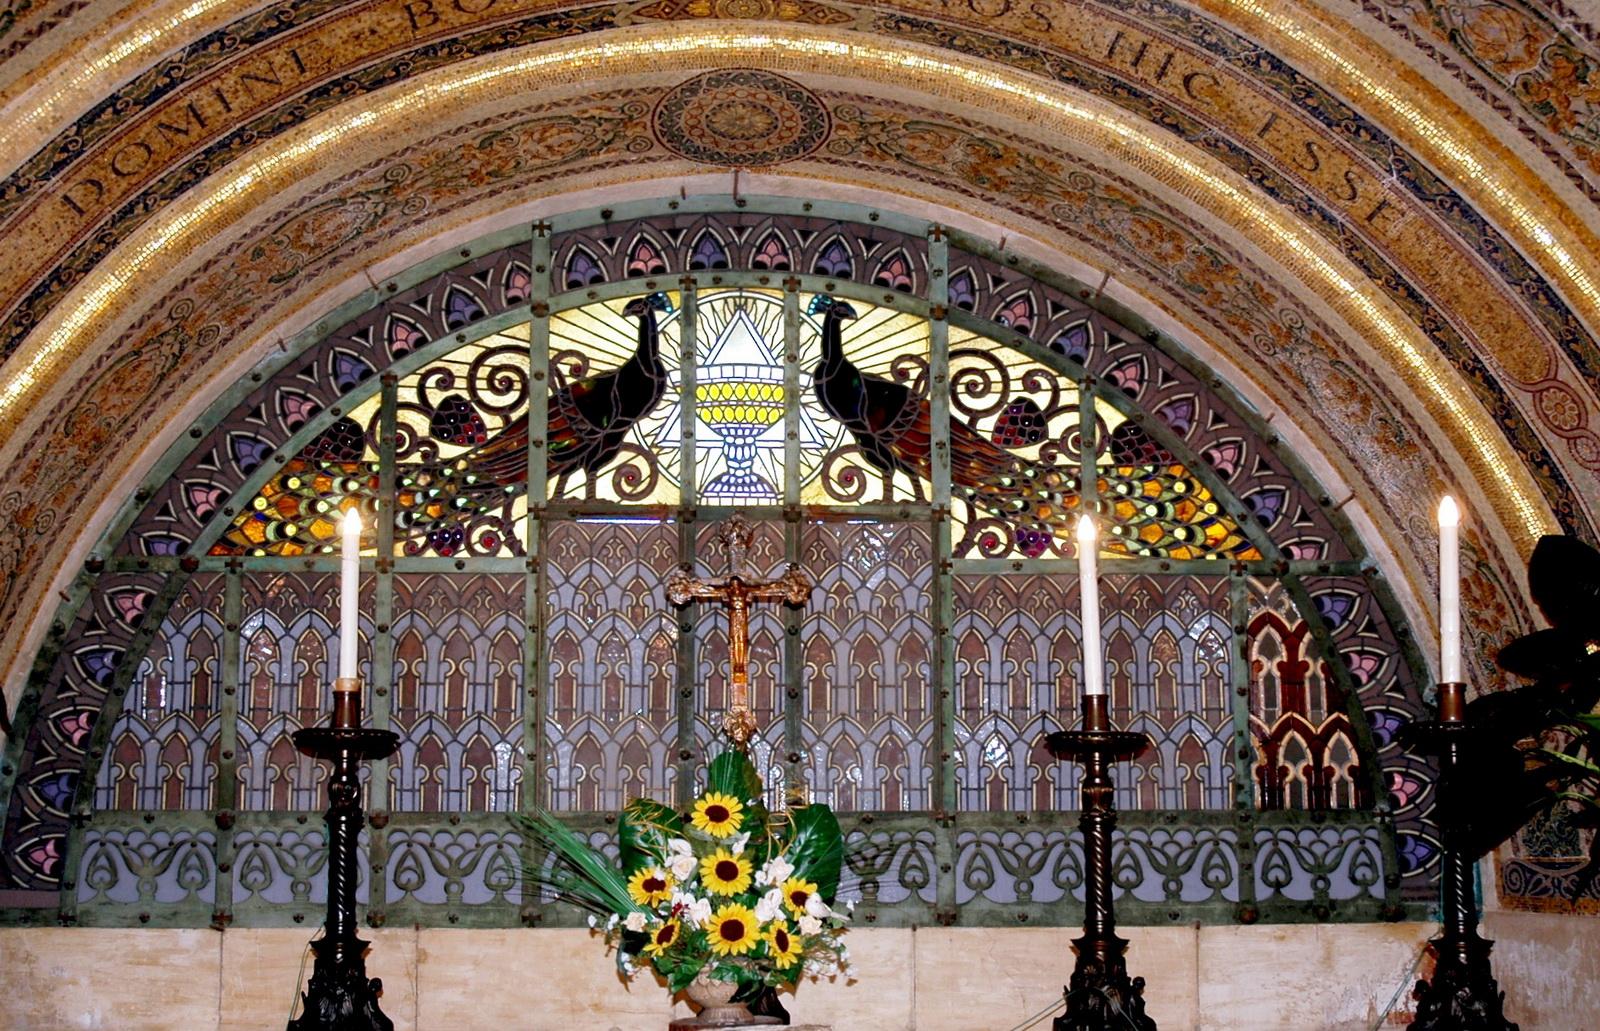 תבור - פנים הכנסייה הפרנציסקנית